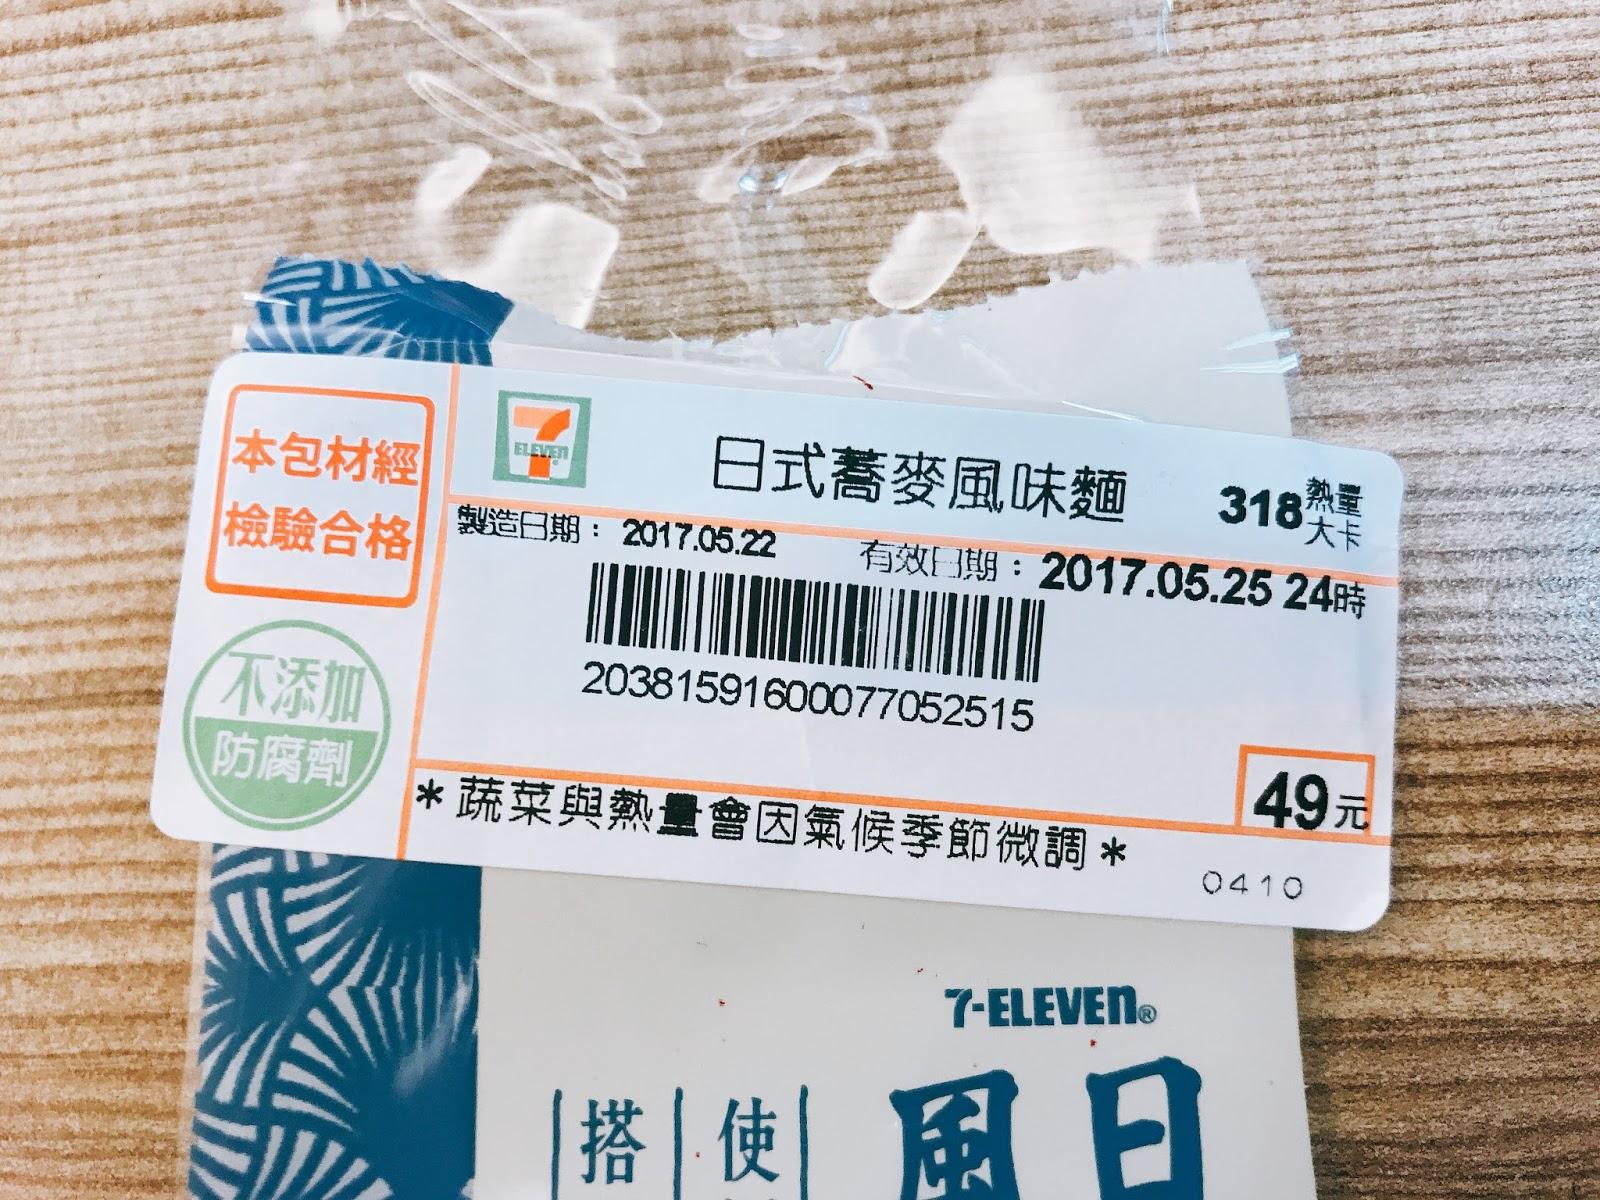 1985summer: 7-11 日式蕎麥風味麵